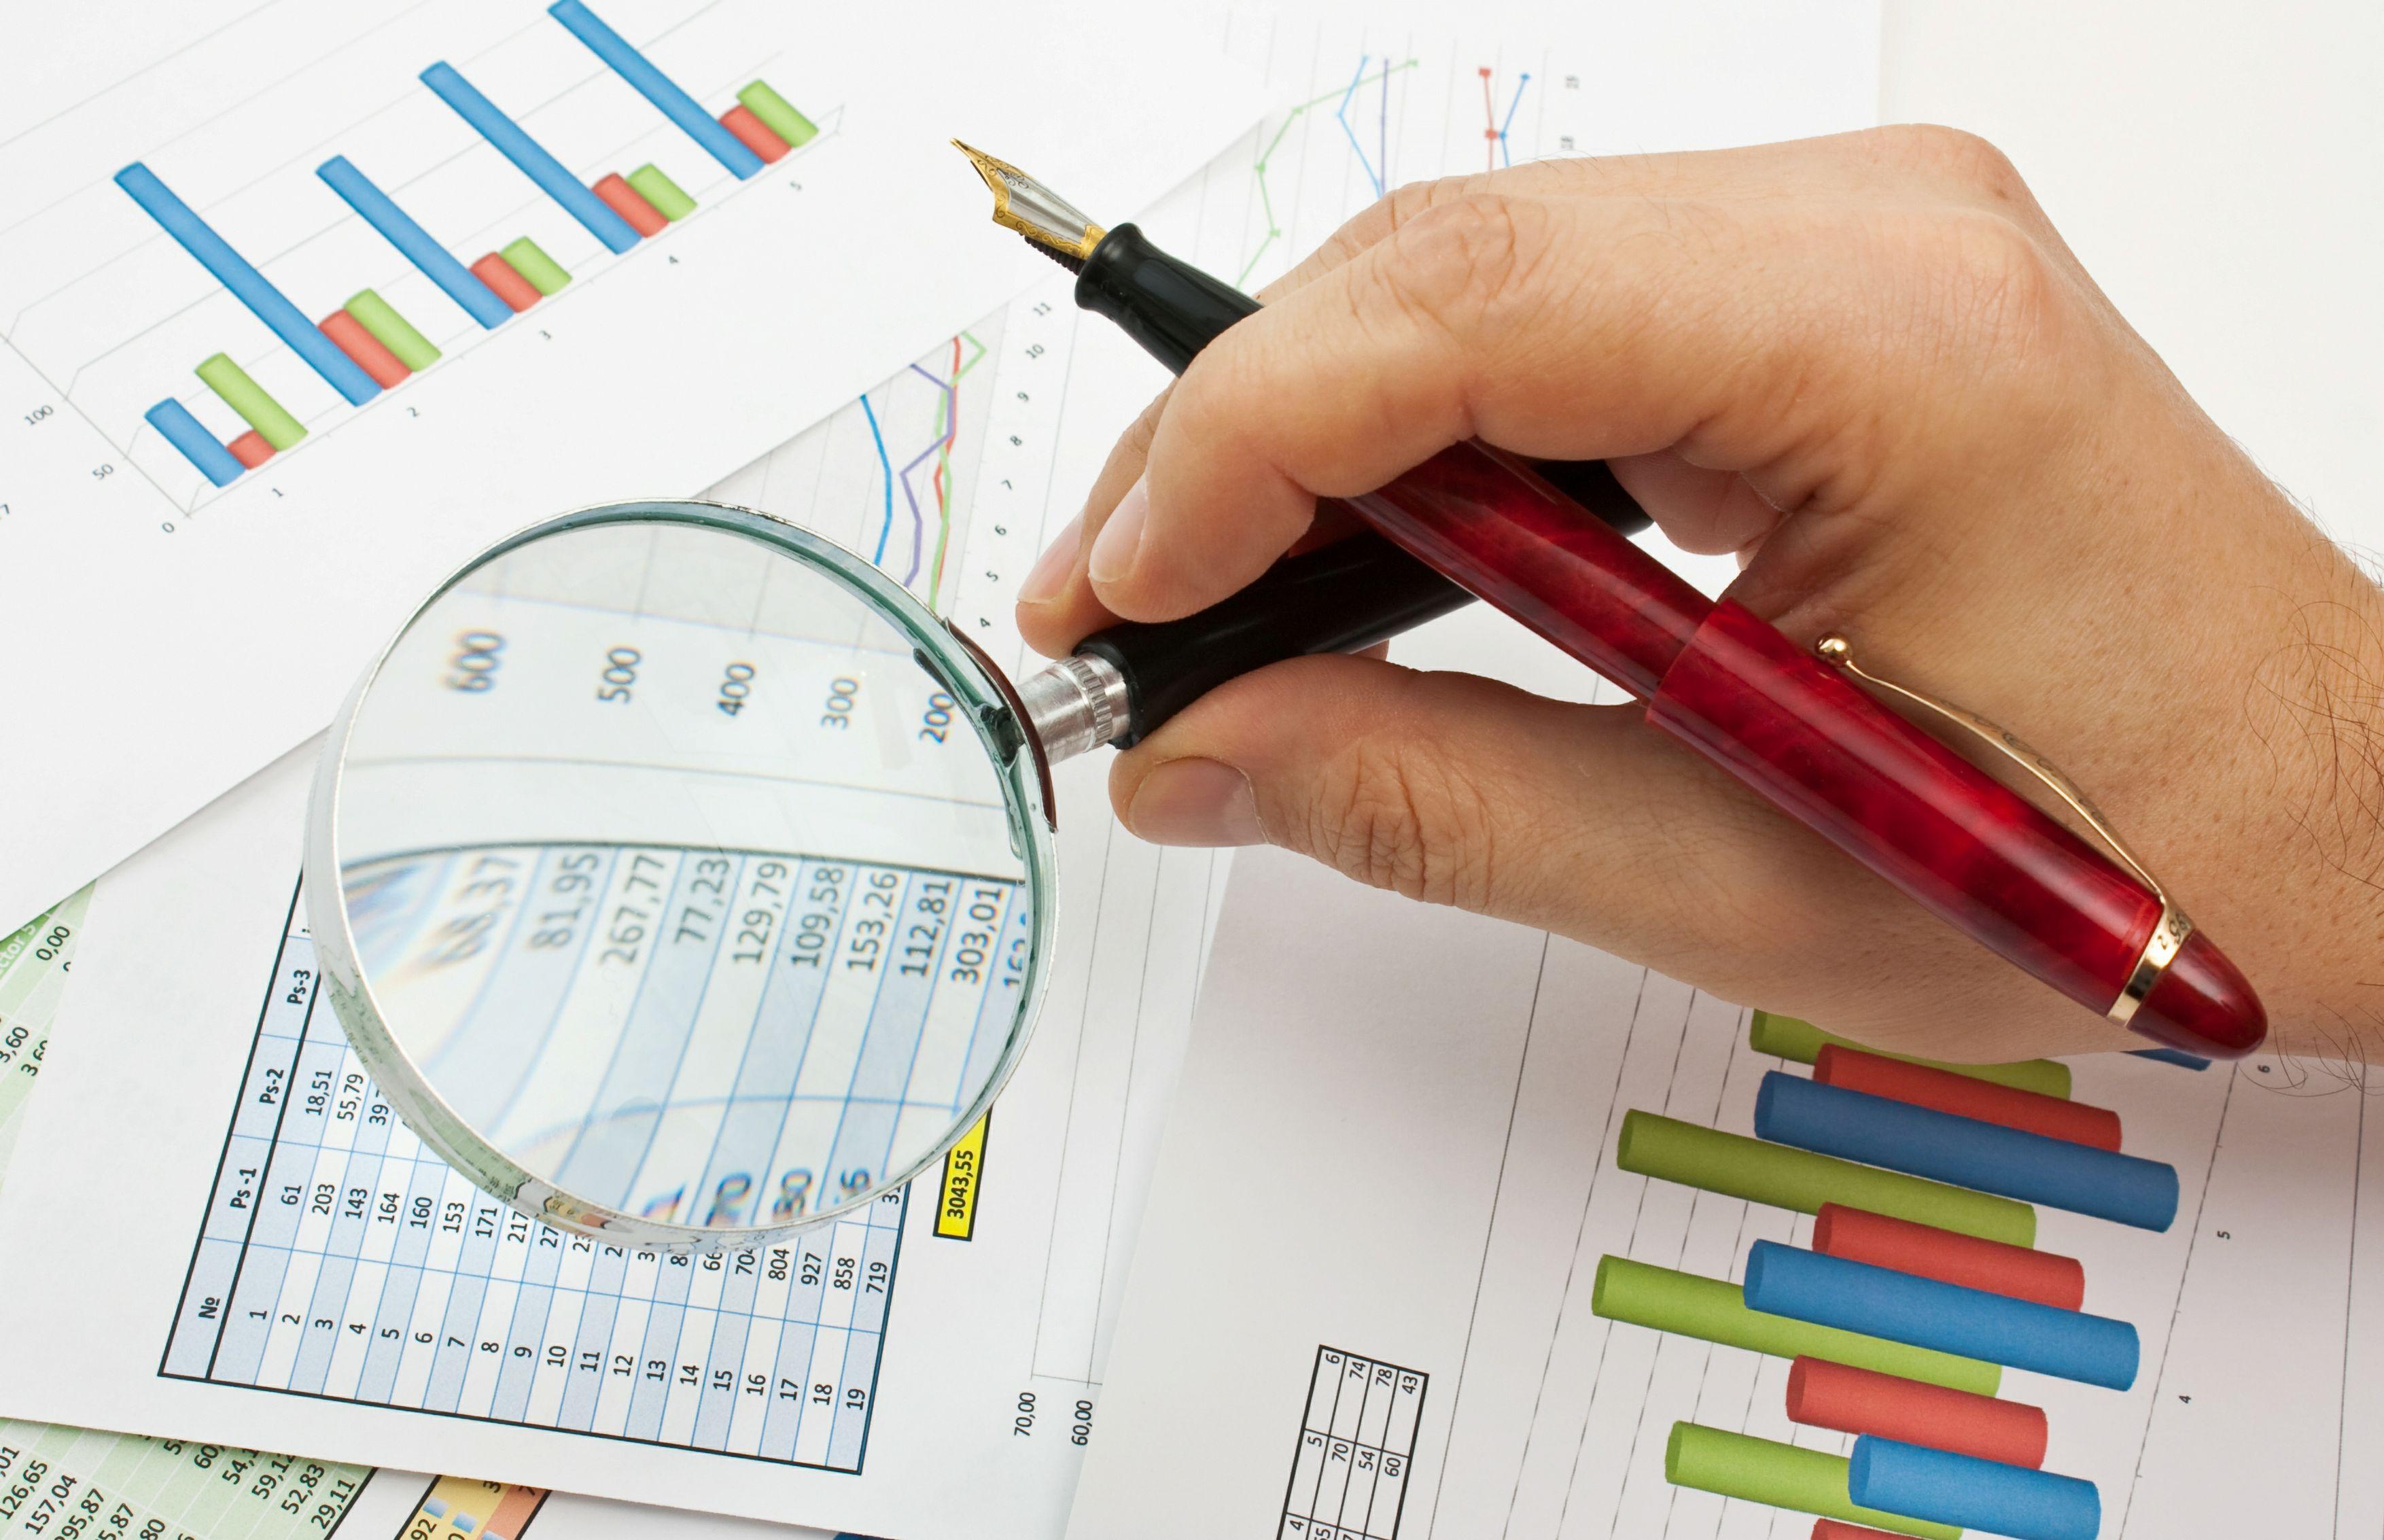 格隆汇港股聚焦(11.06)︱港交所前三季EBITDA升3%至96.63亿港元  多家券商10月数据亮眼